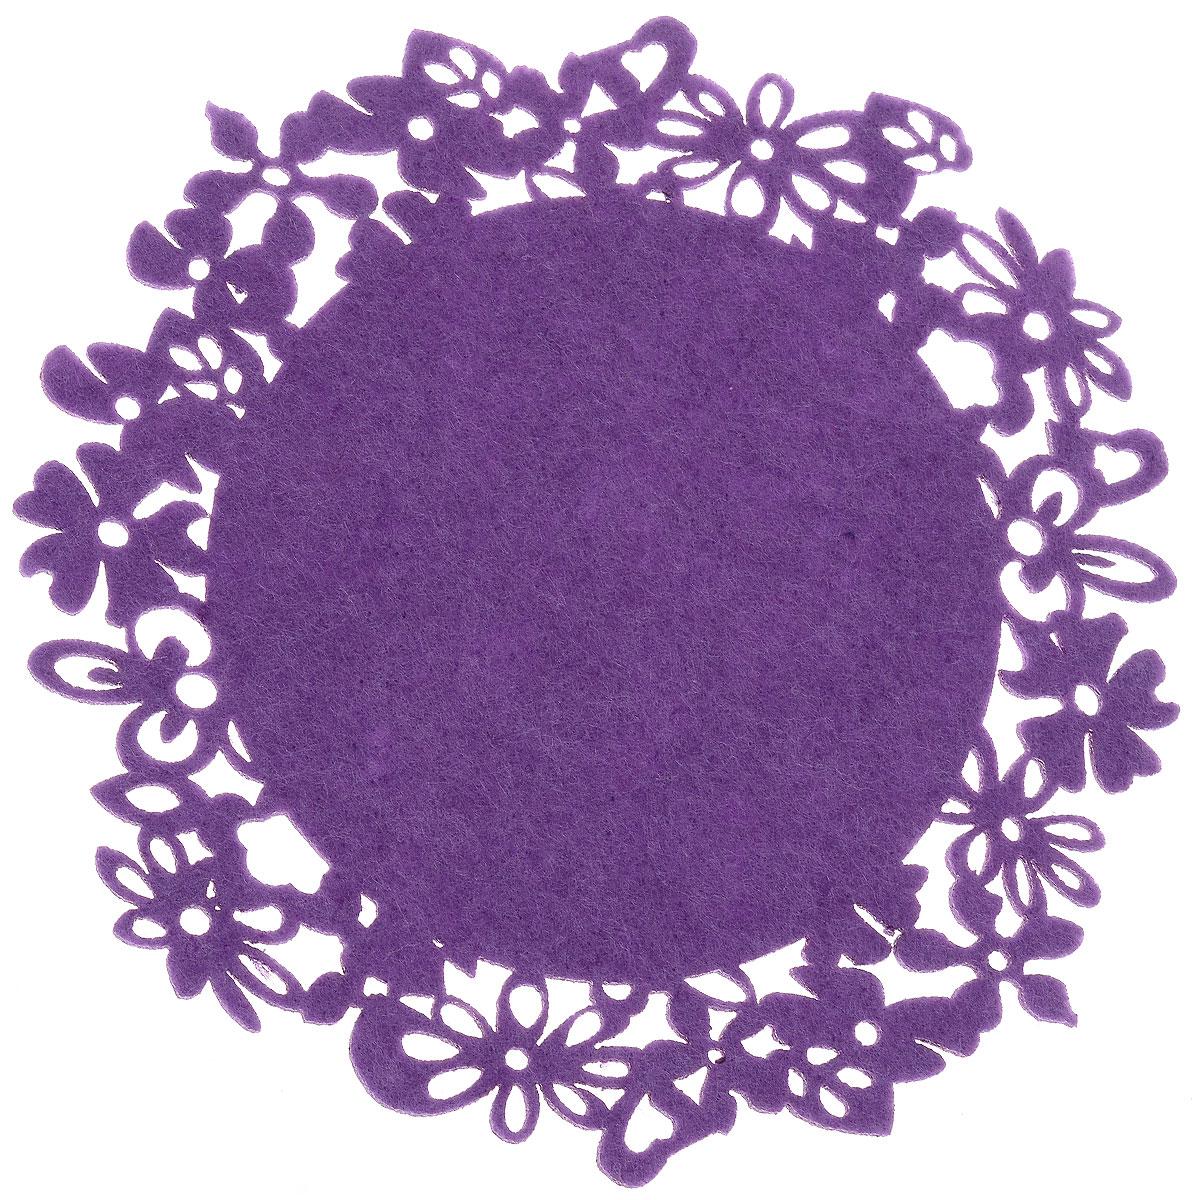 Салфетка-подставка под горячее Orange Цветы, цвет: сиреневый, диаметр 19,5 см82014_сиреневыйКруглая салфетка-подставка под горячее Orange Цветы изготовлена из фетра и оформлена изысканной перфорацией в виде цветов. Такая салфетка прекрасно подойдет для украшения интерьера кухни, она сбережет стол от высоких температур и грязи.Диаметр: 19,5 см.